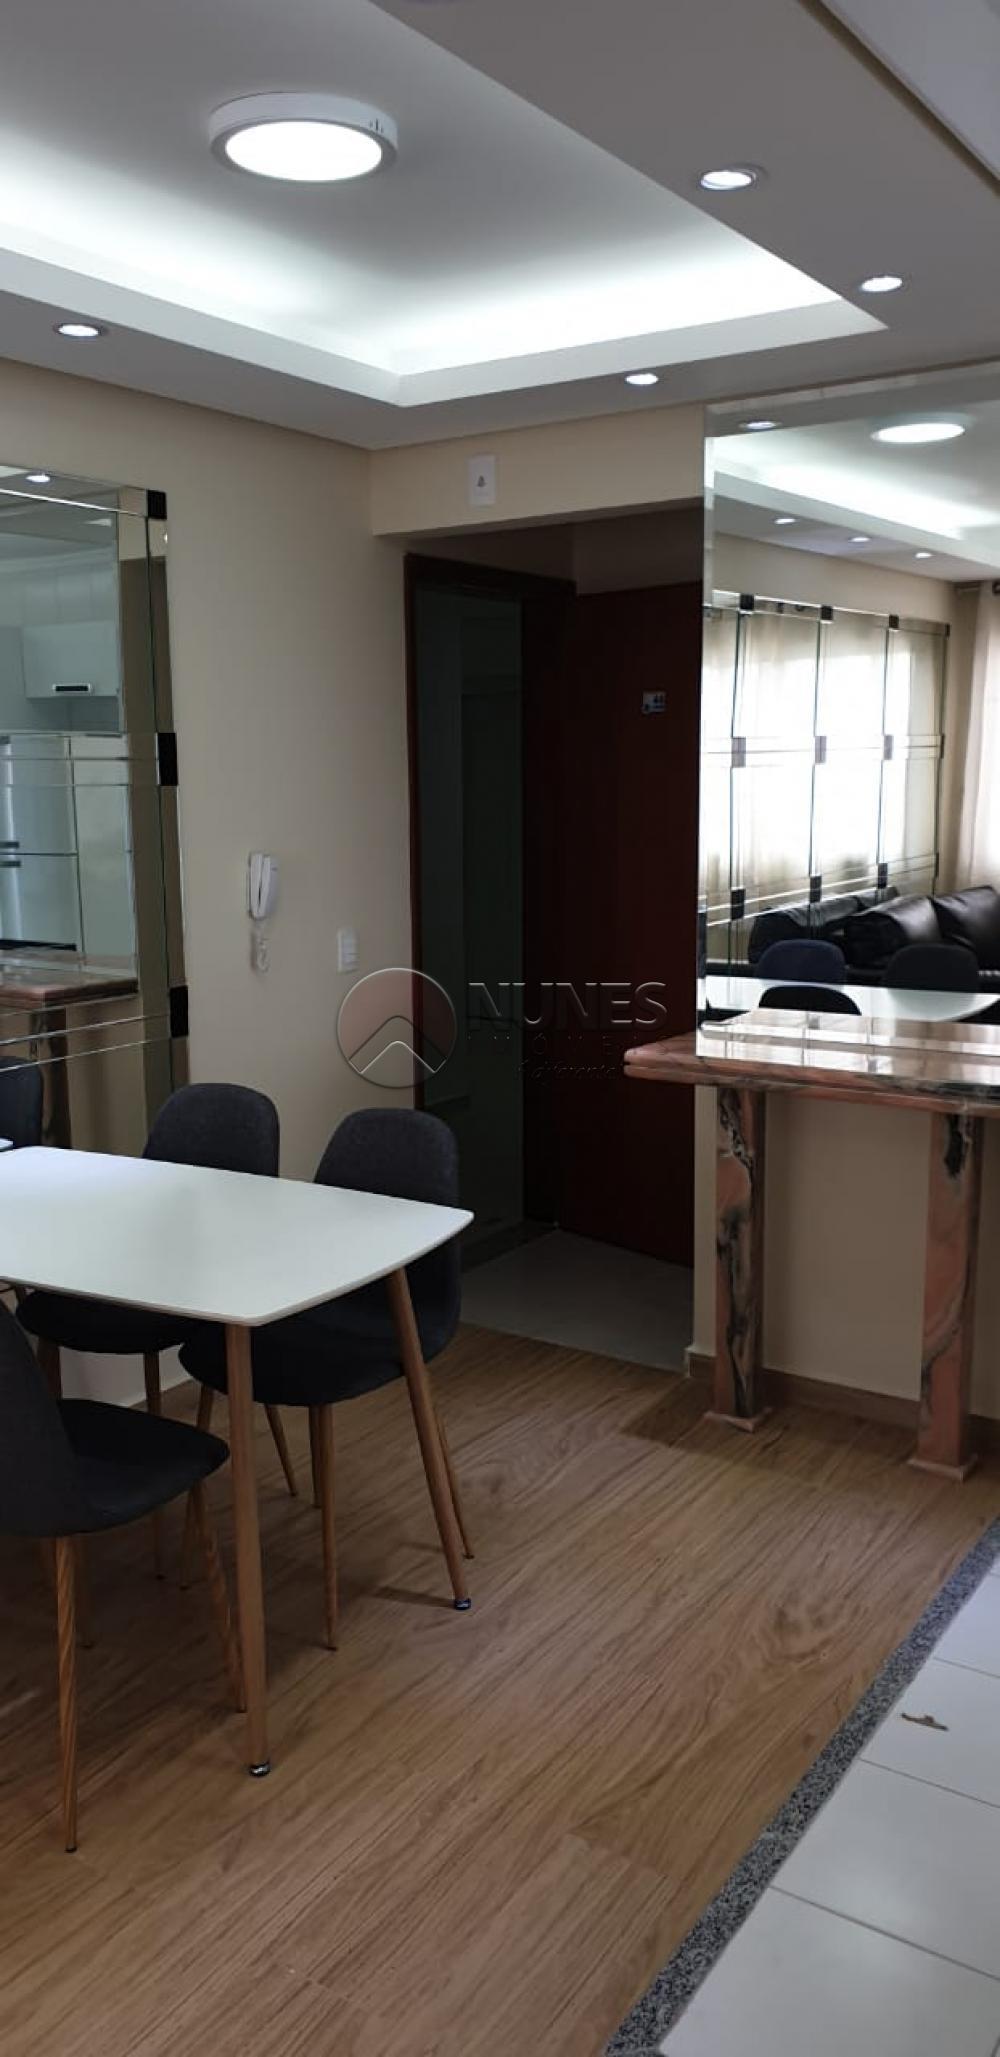 Comprar Apartamento / Padrão em Osasco apenas R$ 195.000,00 - Foto 4